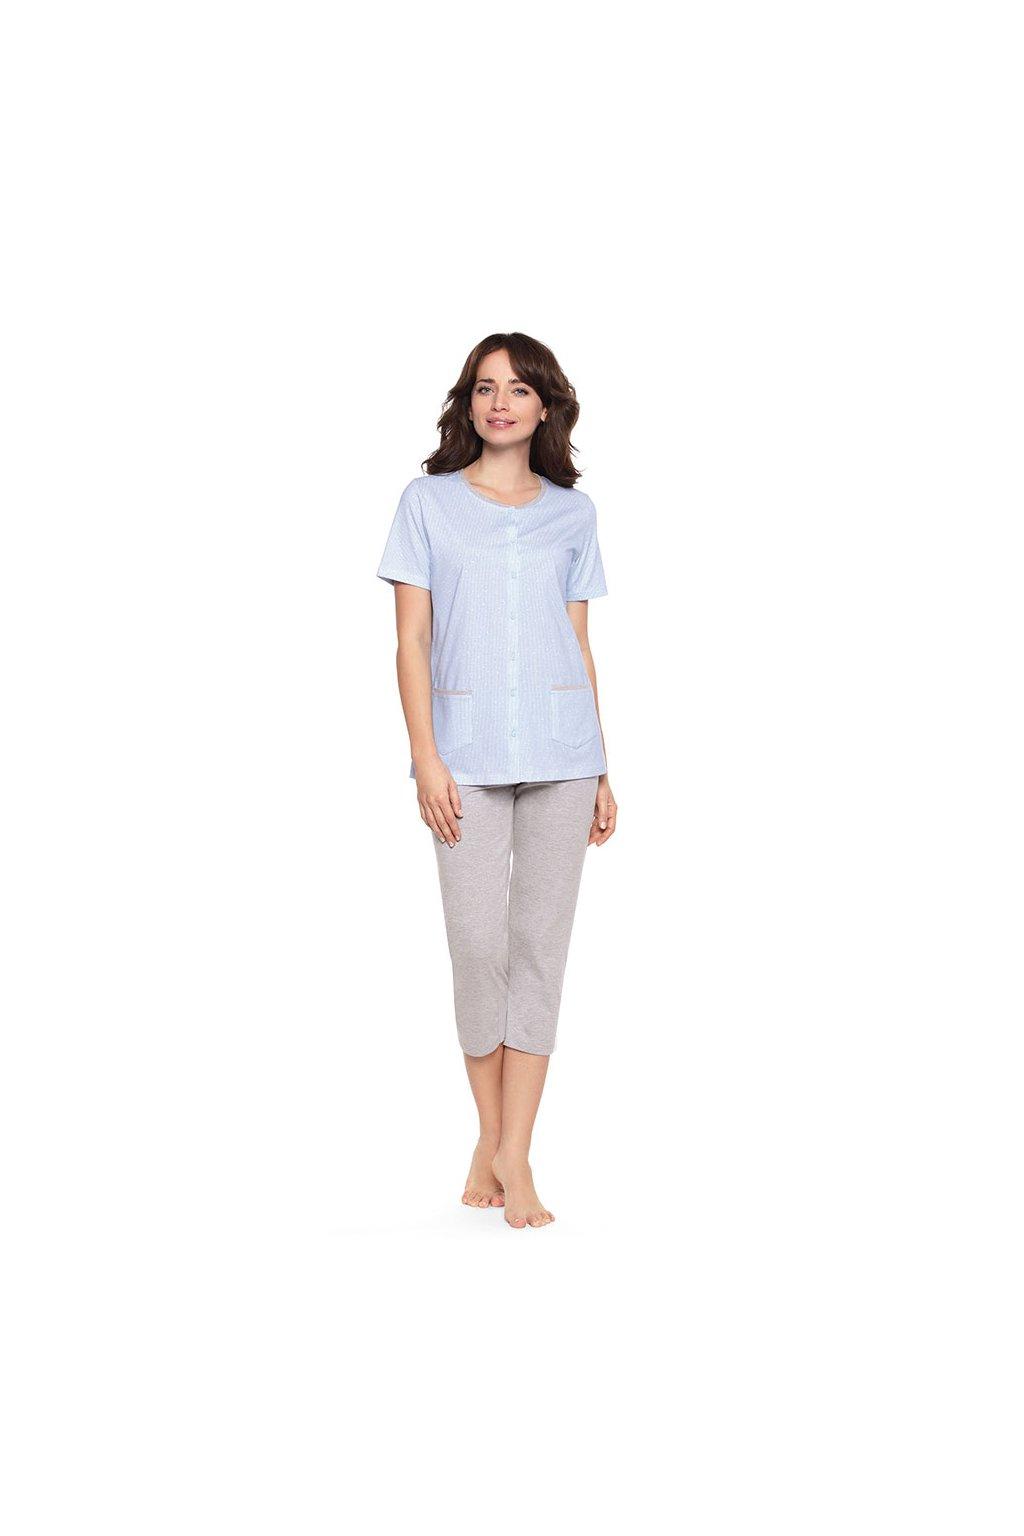 Dámské pyžamo s krátkým rukávem a 3/4 nohavicemi, 104473 415, modrá